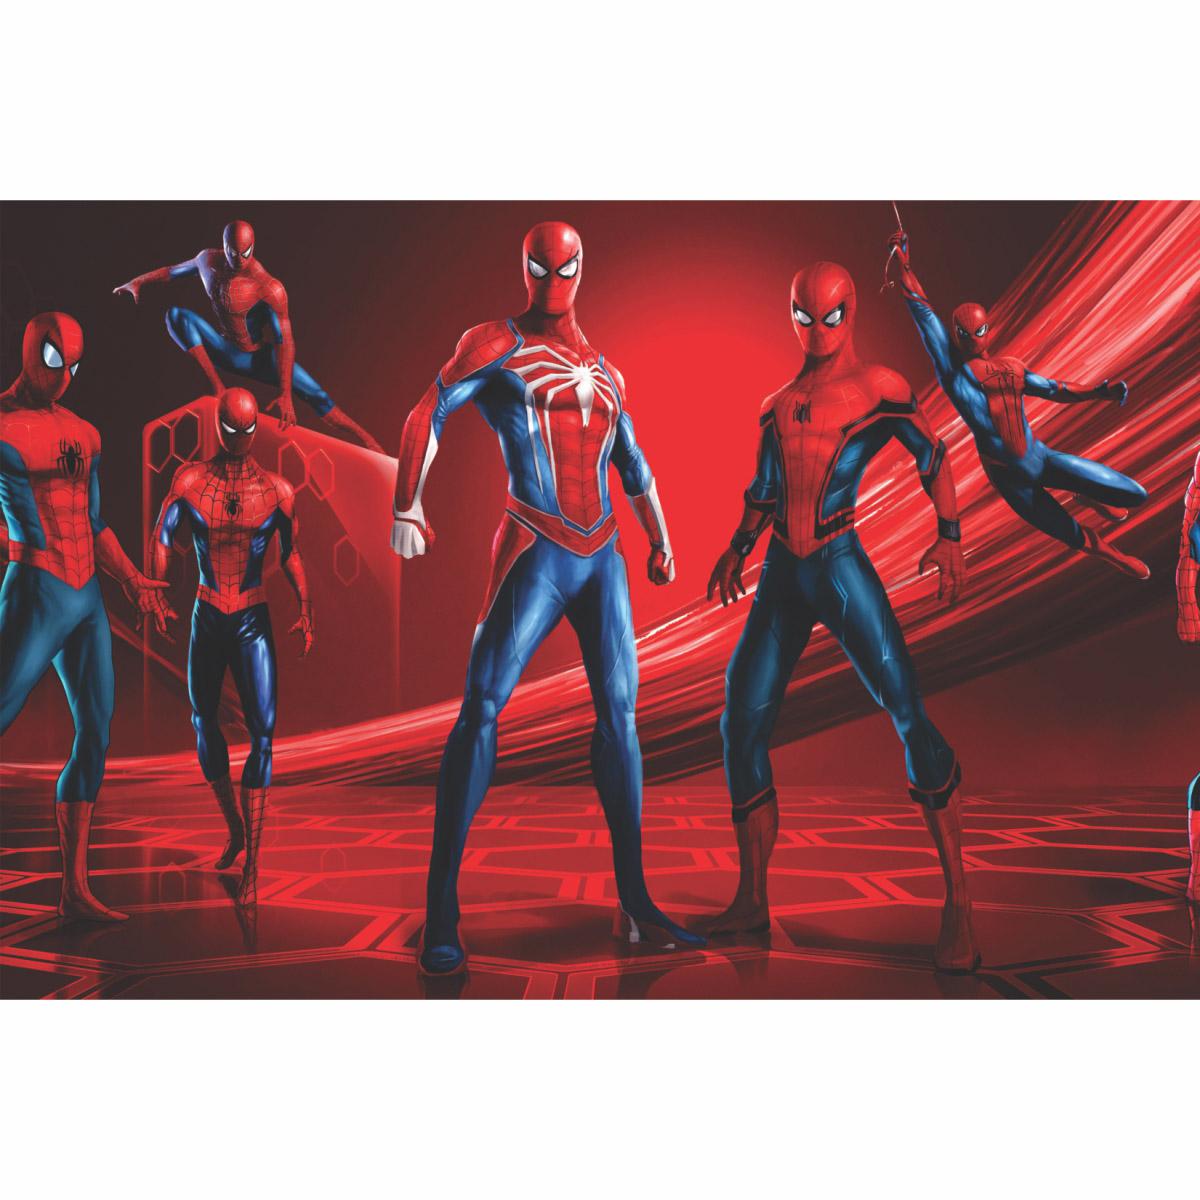 Painel de Festa Lona Homem Aranha